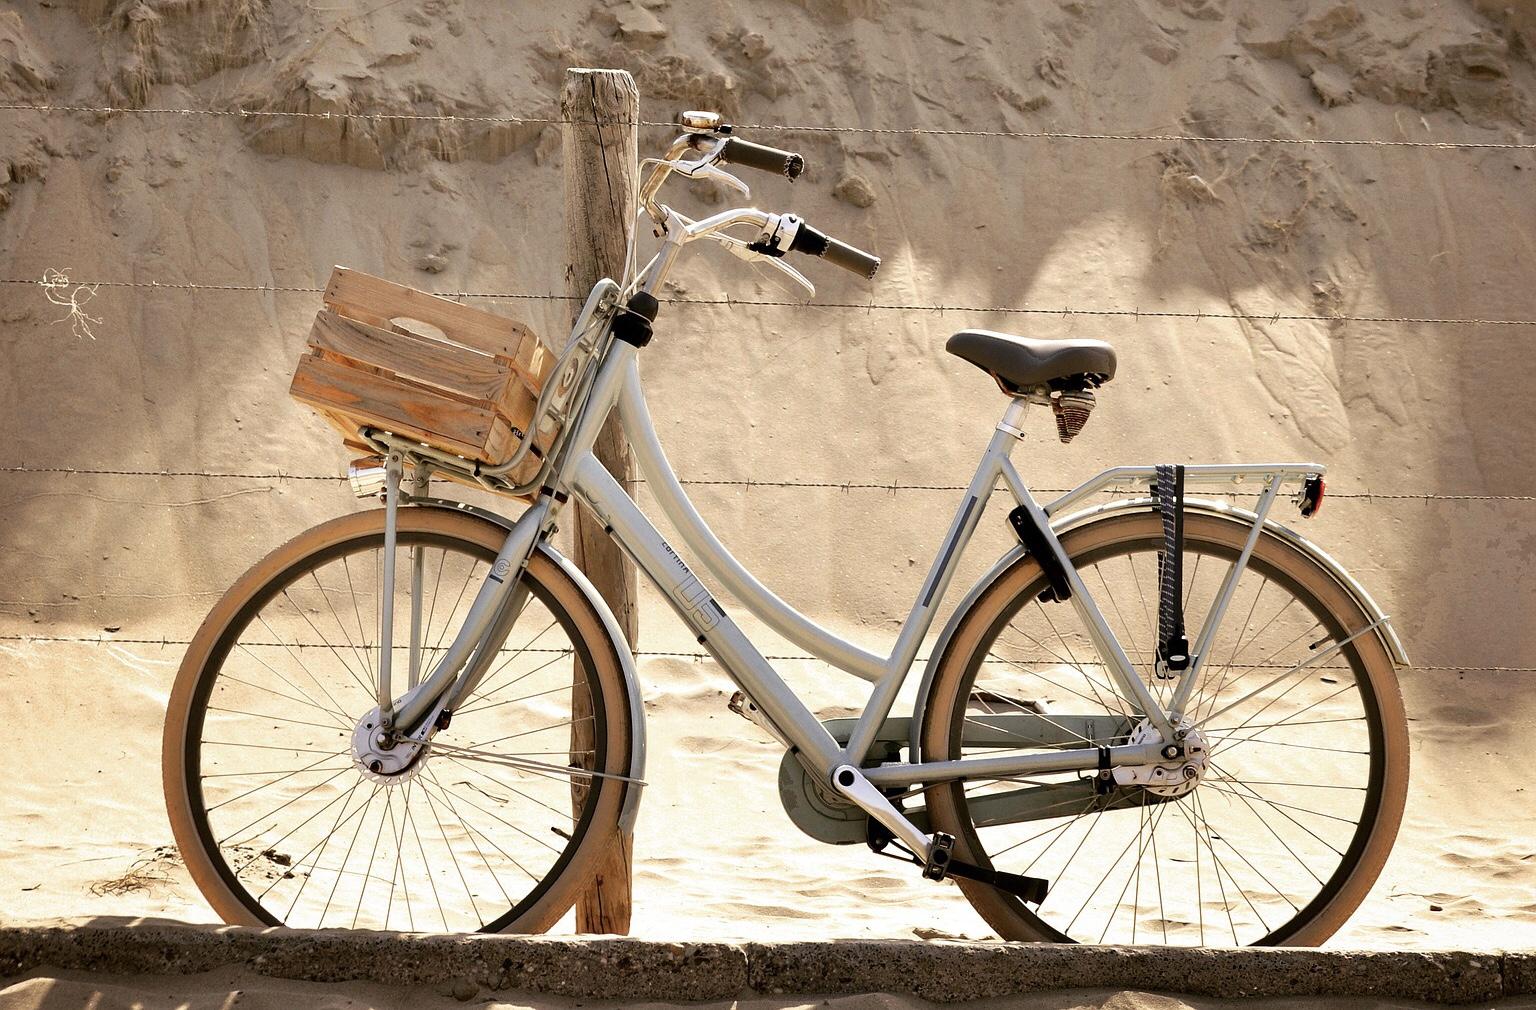 Ausreichend Abstellmöglichkeiten für Fahrräder an Schulen